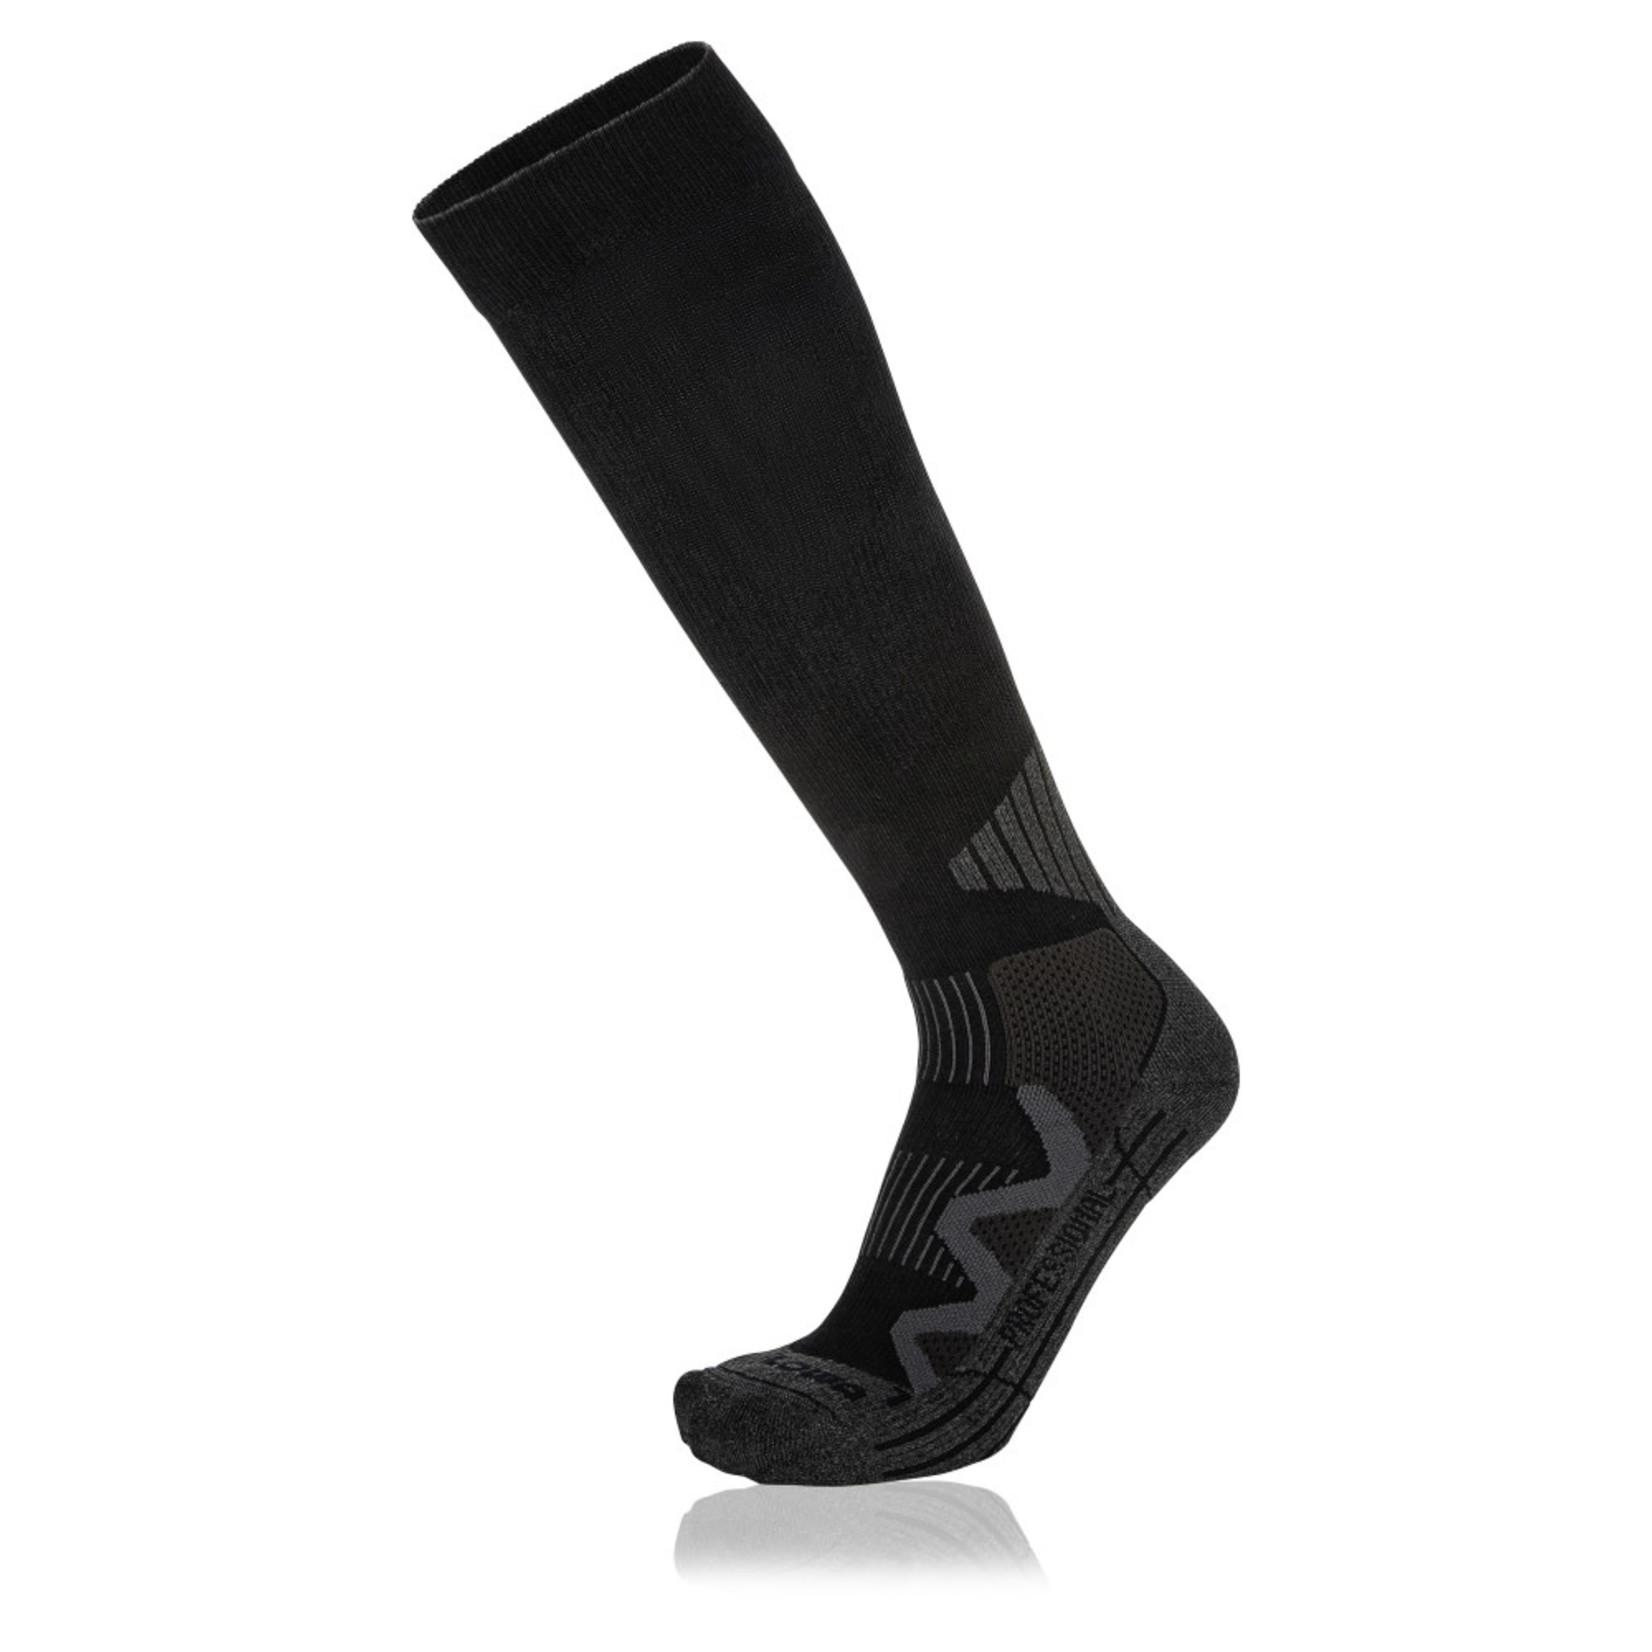 Lowa Lowa Compression Pro Socks